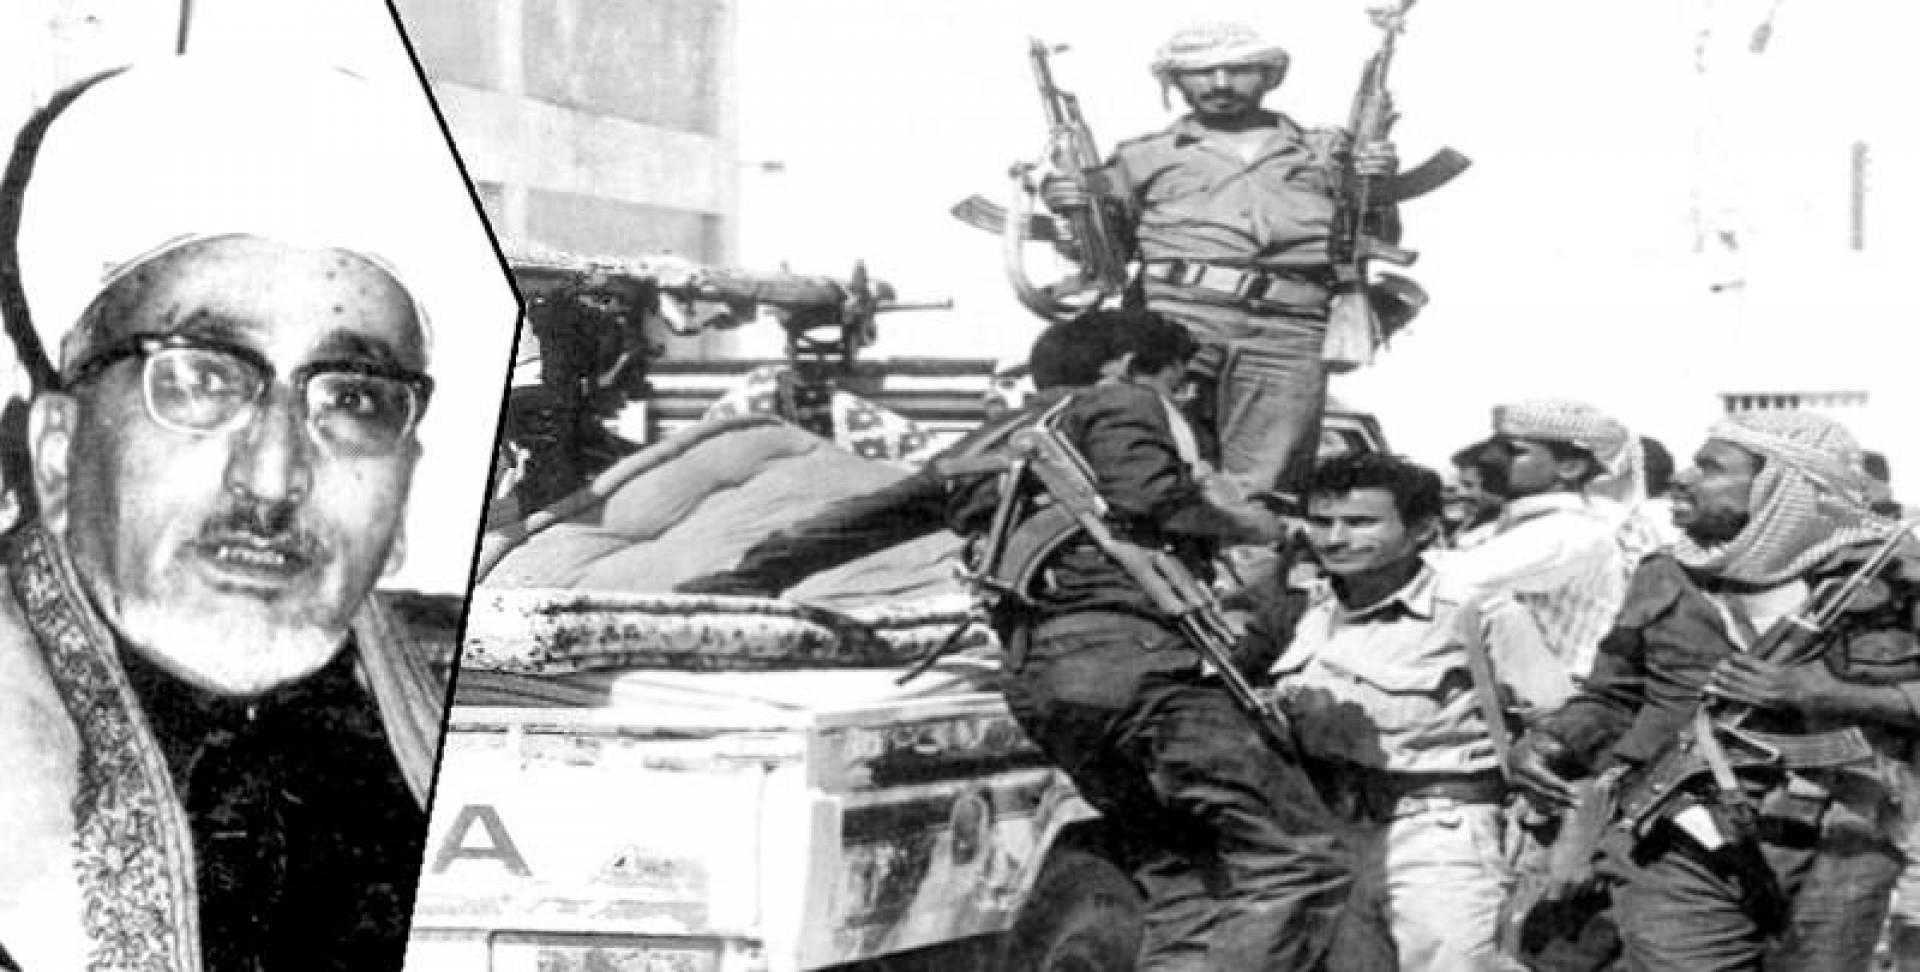 1974| سبق صحافي عالمي تسجله القبس: وثائق مصورة من انقلاب اليمن